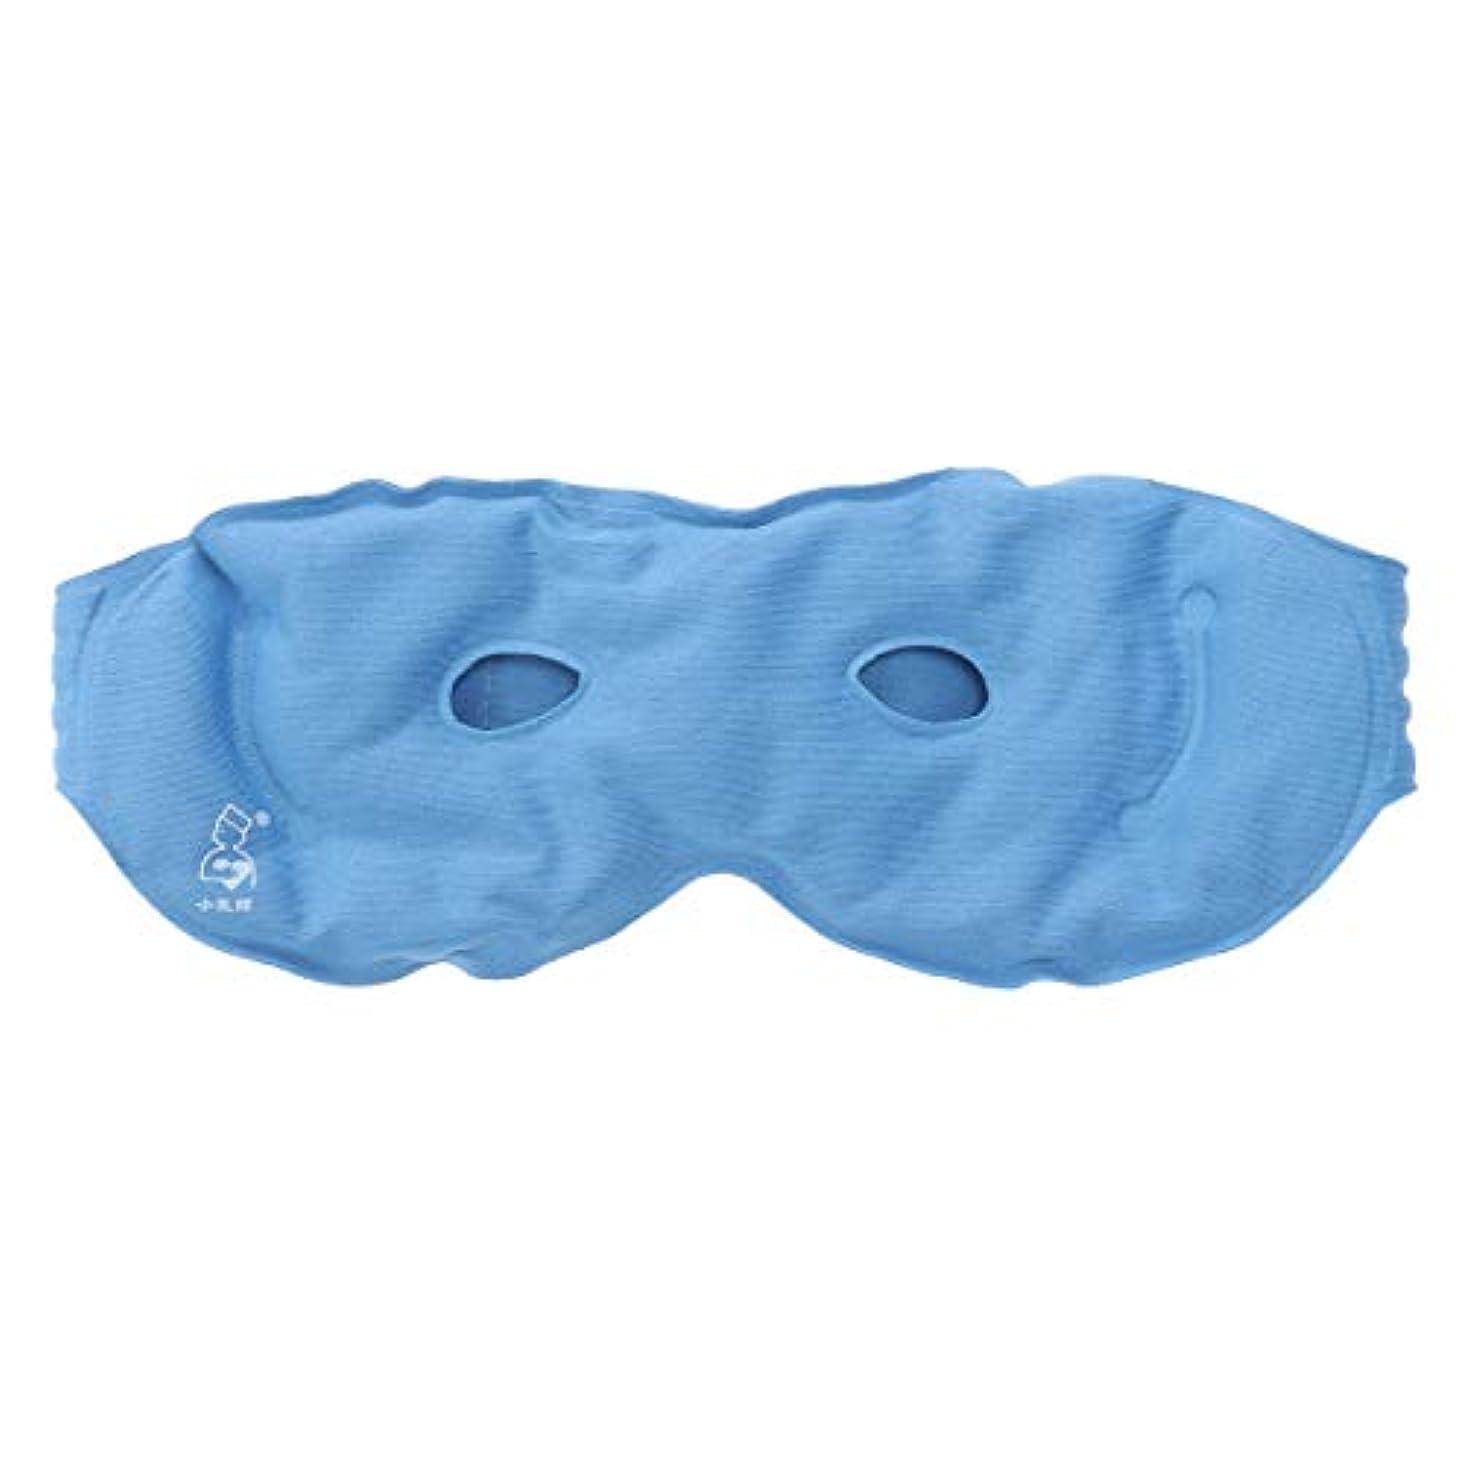 鉄エーカー基礎ROSENICE アイスフェイスクーリングアイマスクアイスコンプレッションバッグ(ブルー)